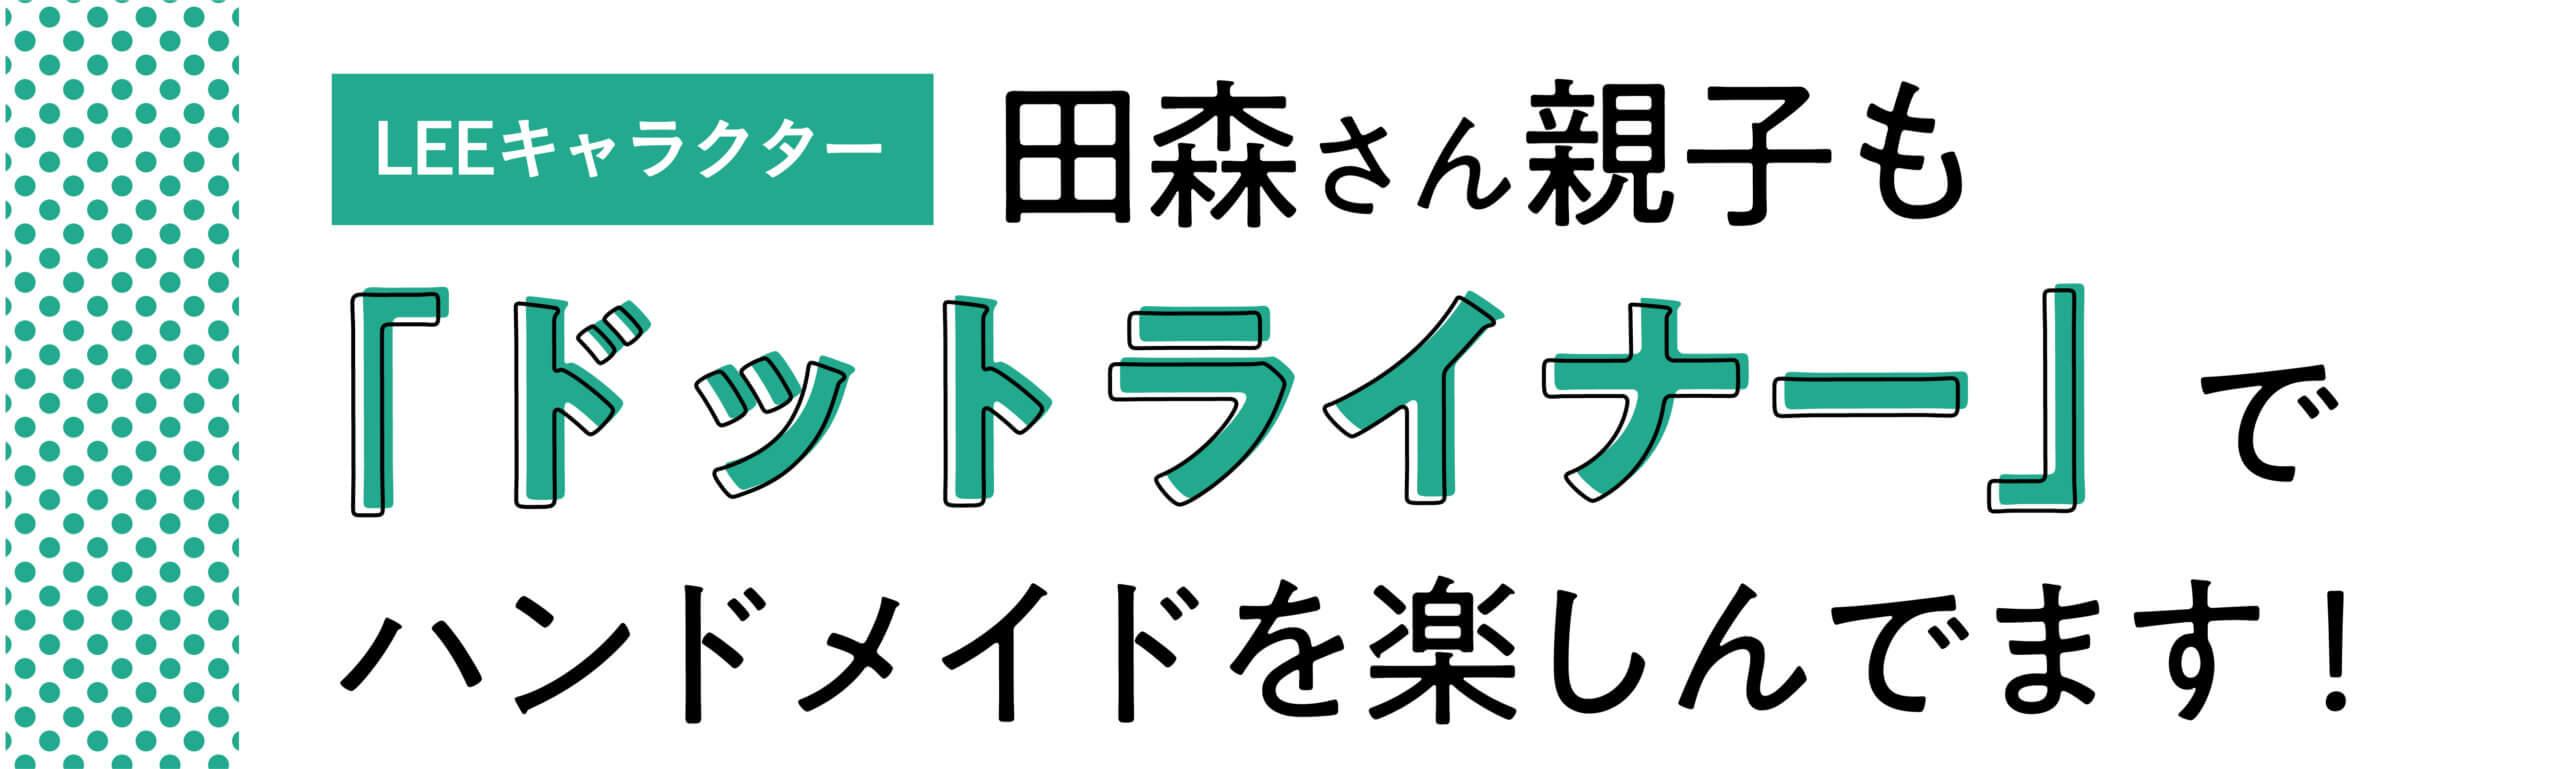 LEEキャラクター・田森さん親子も ドットライナーでハンドメイドを 楽しんでます!